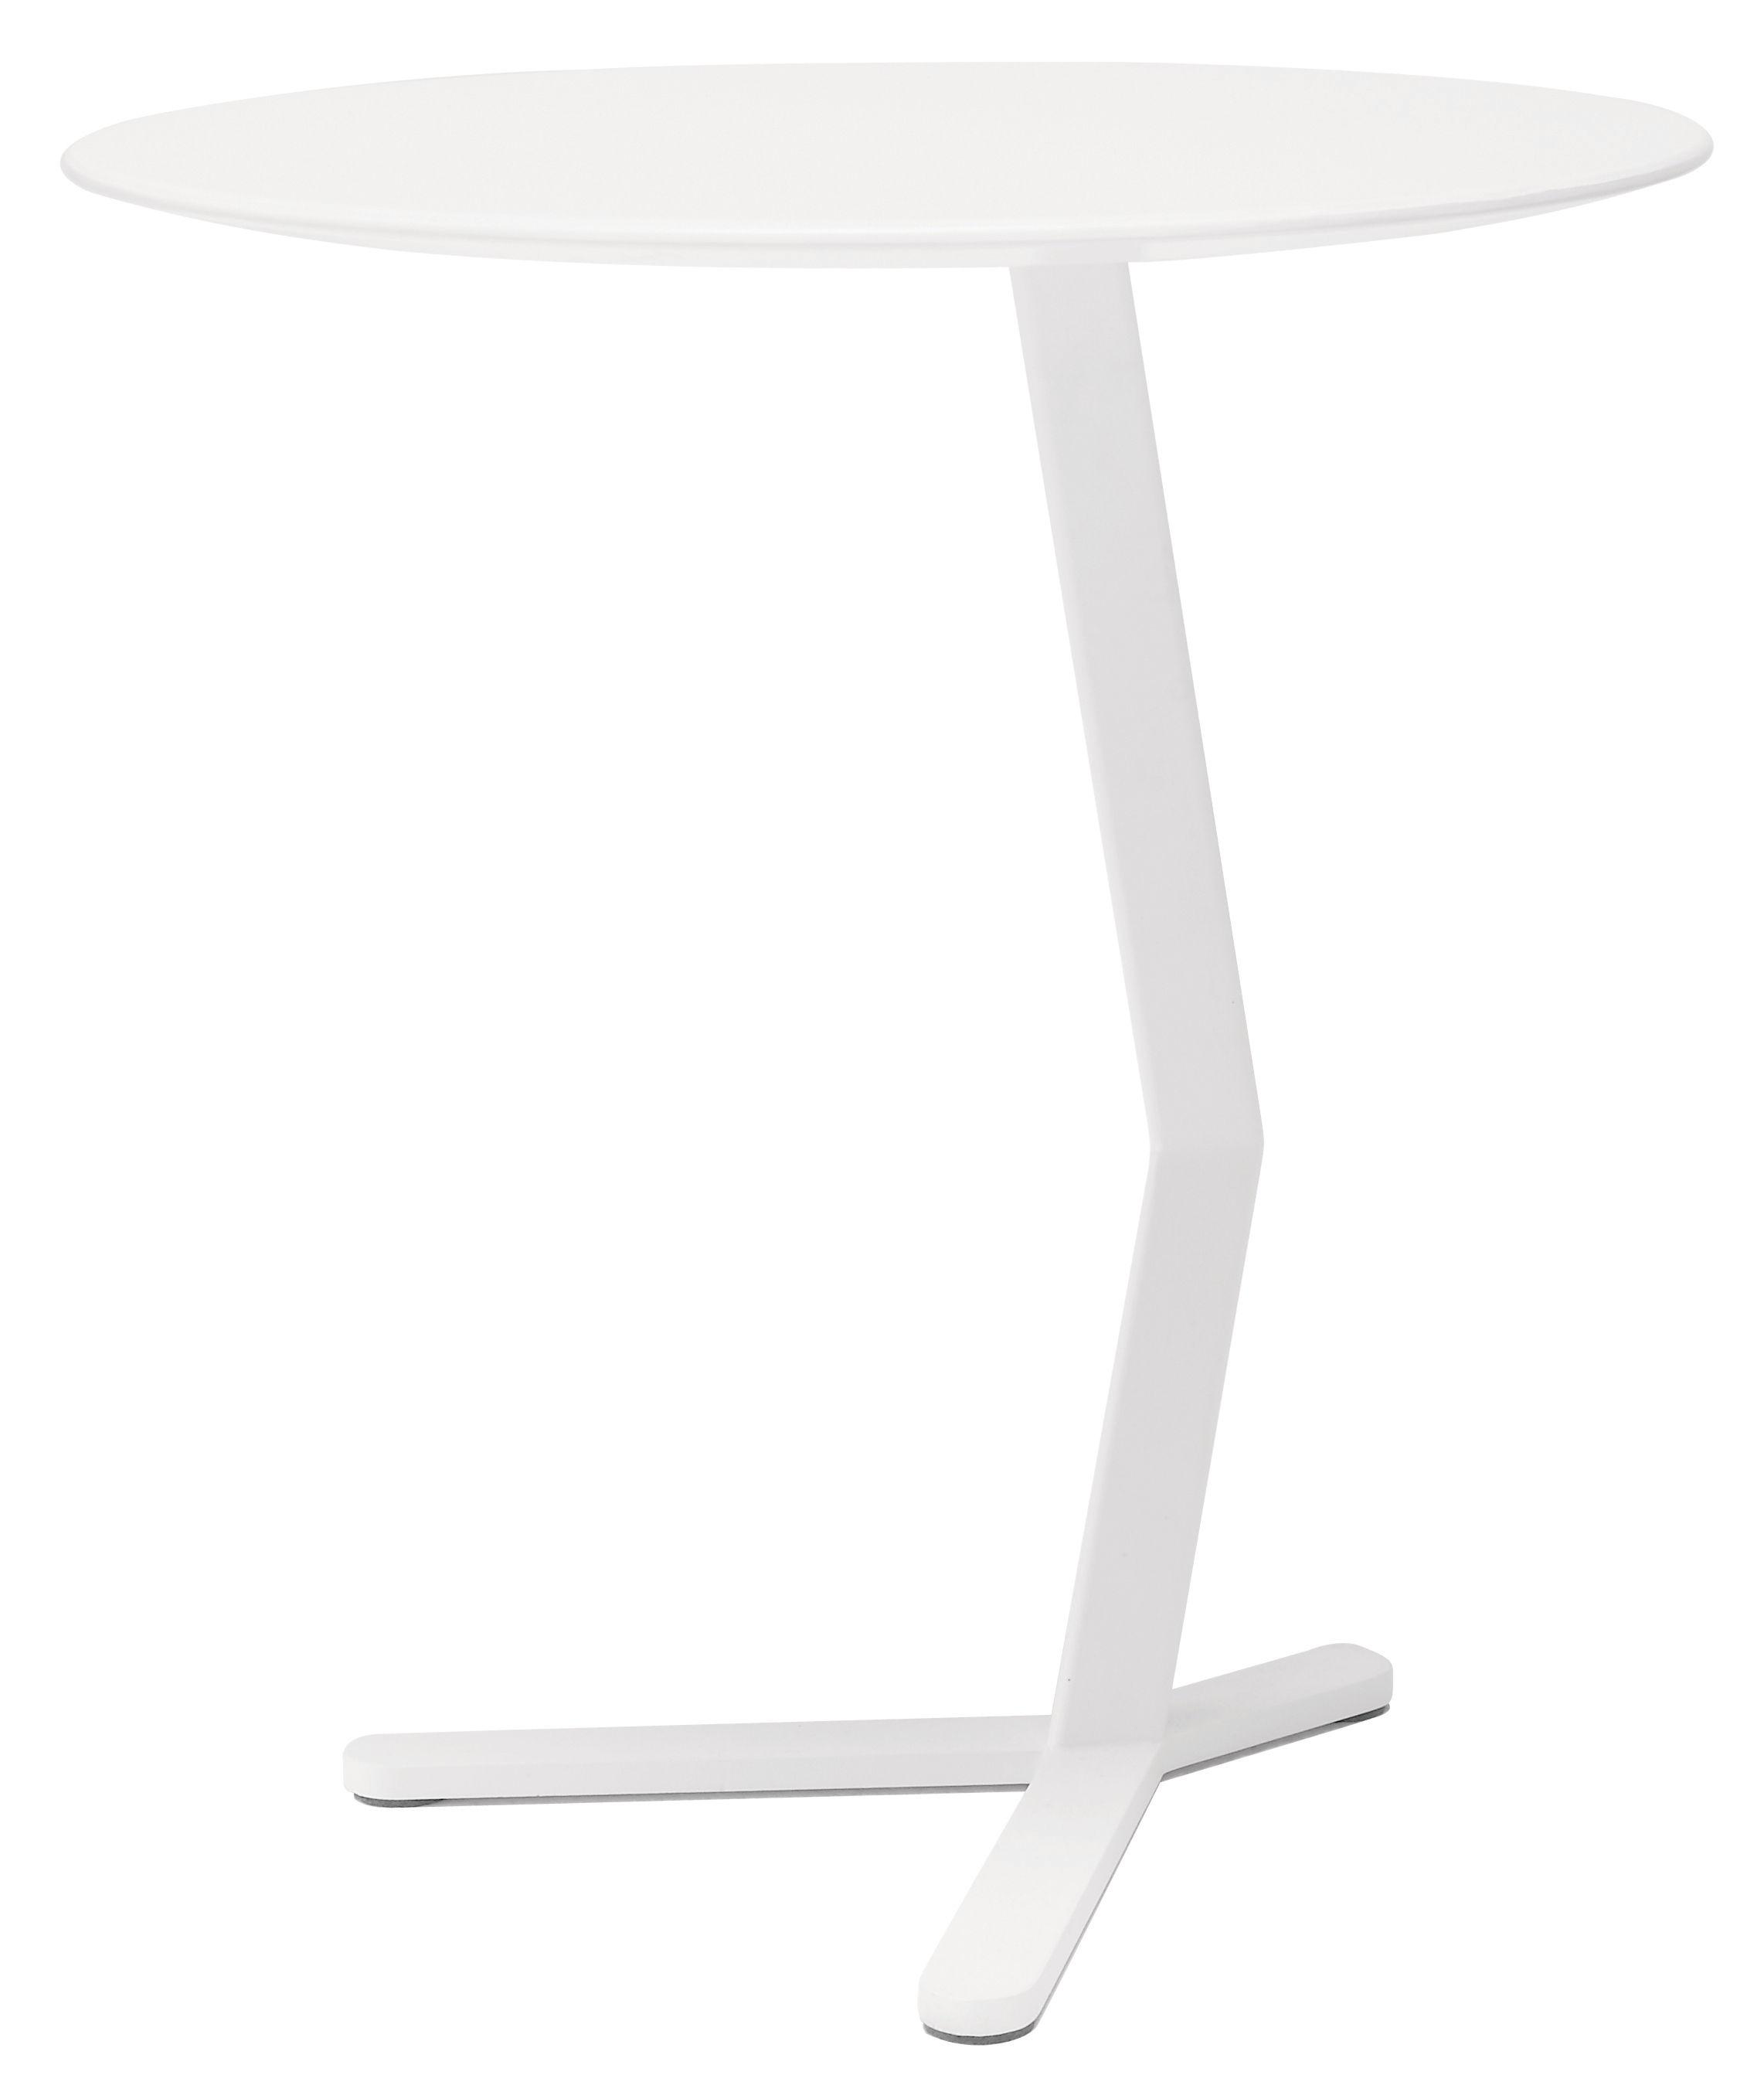 Arredamento - Tavolini  - Tavolino Bird di Offecct - Bianco - MDF laccato, metallo laccato